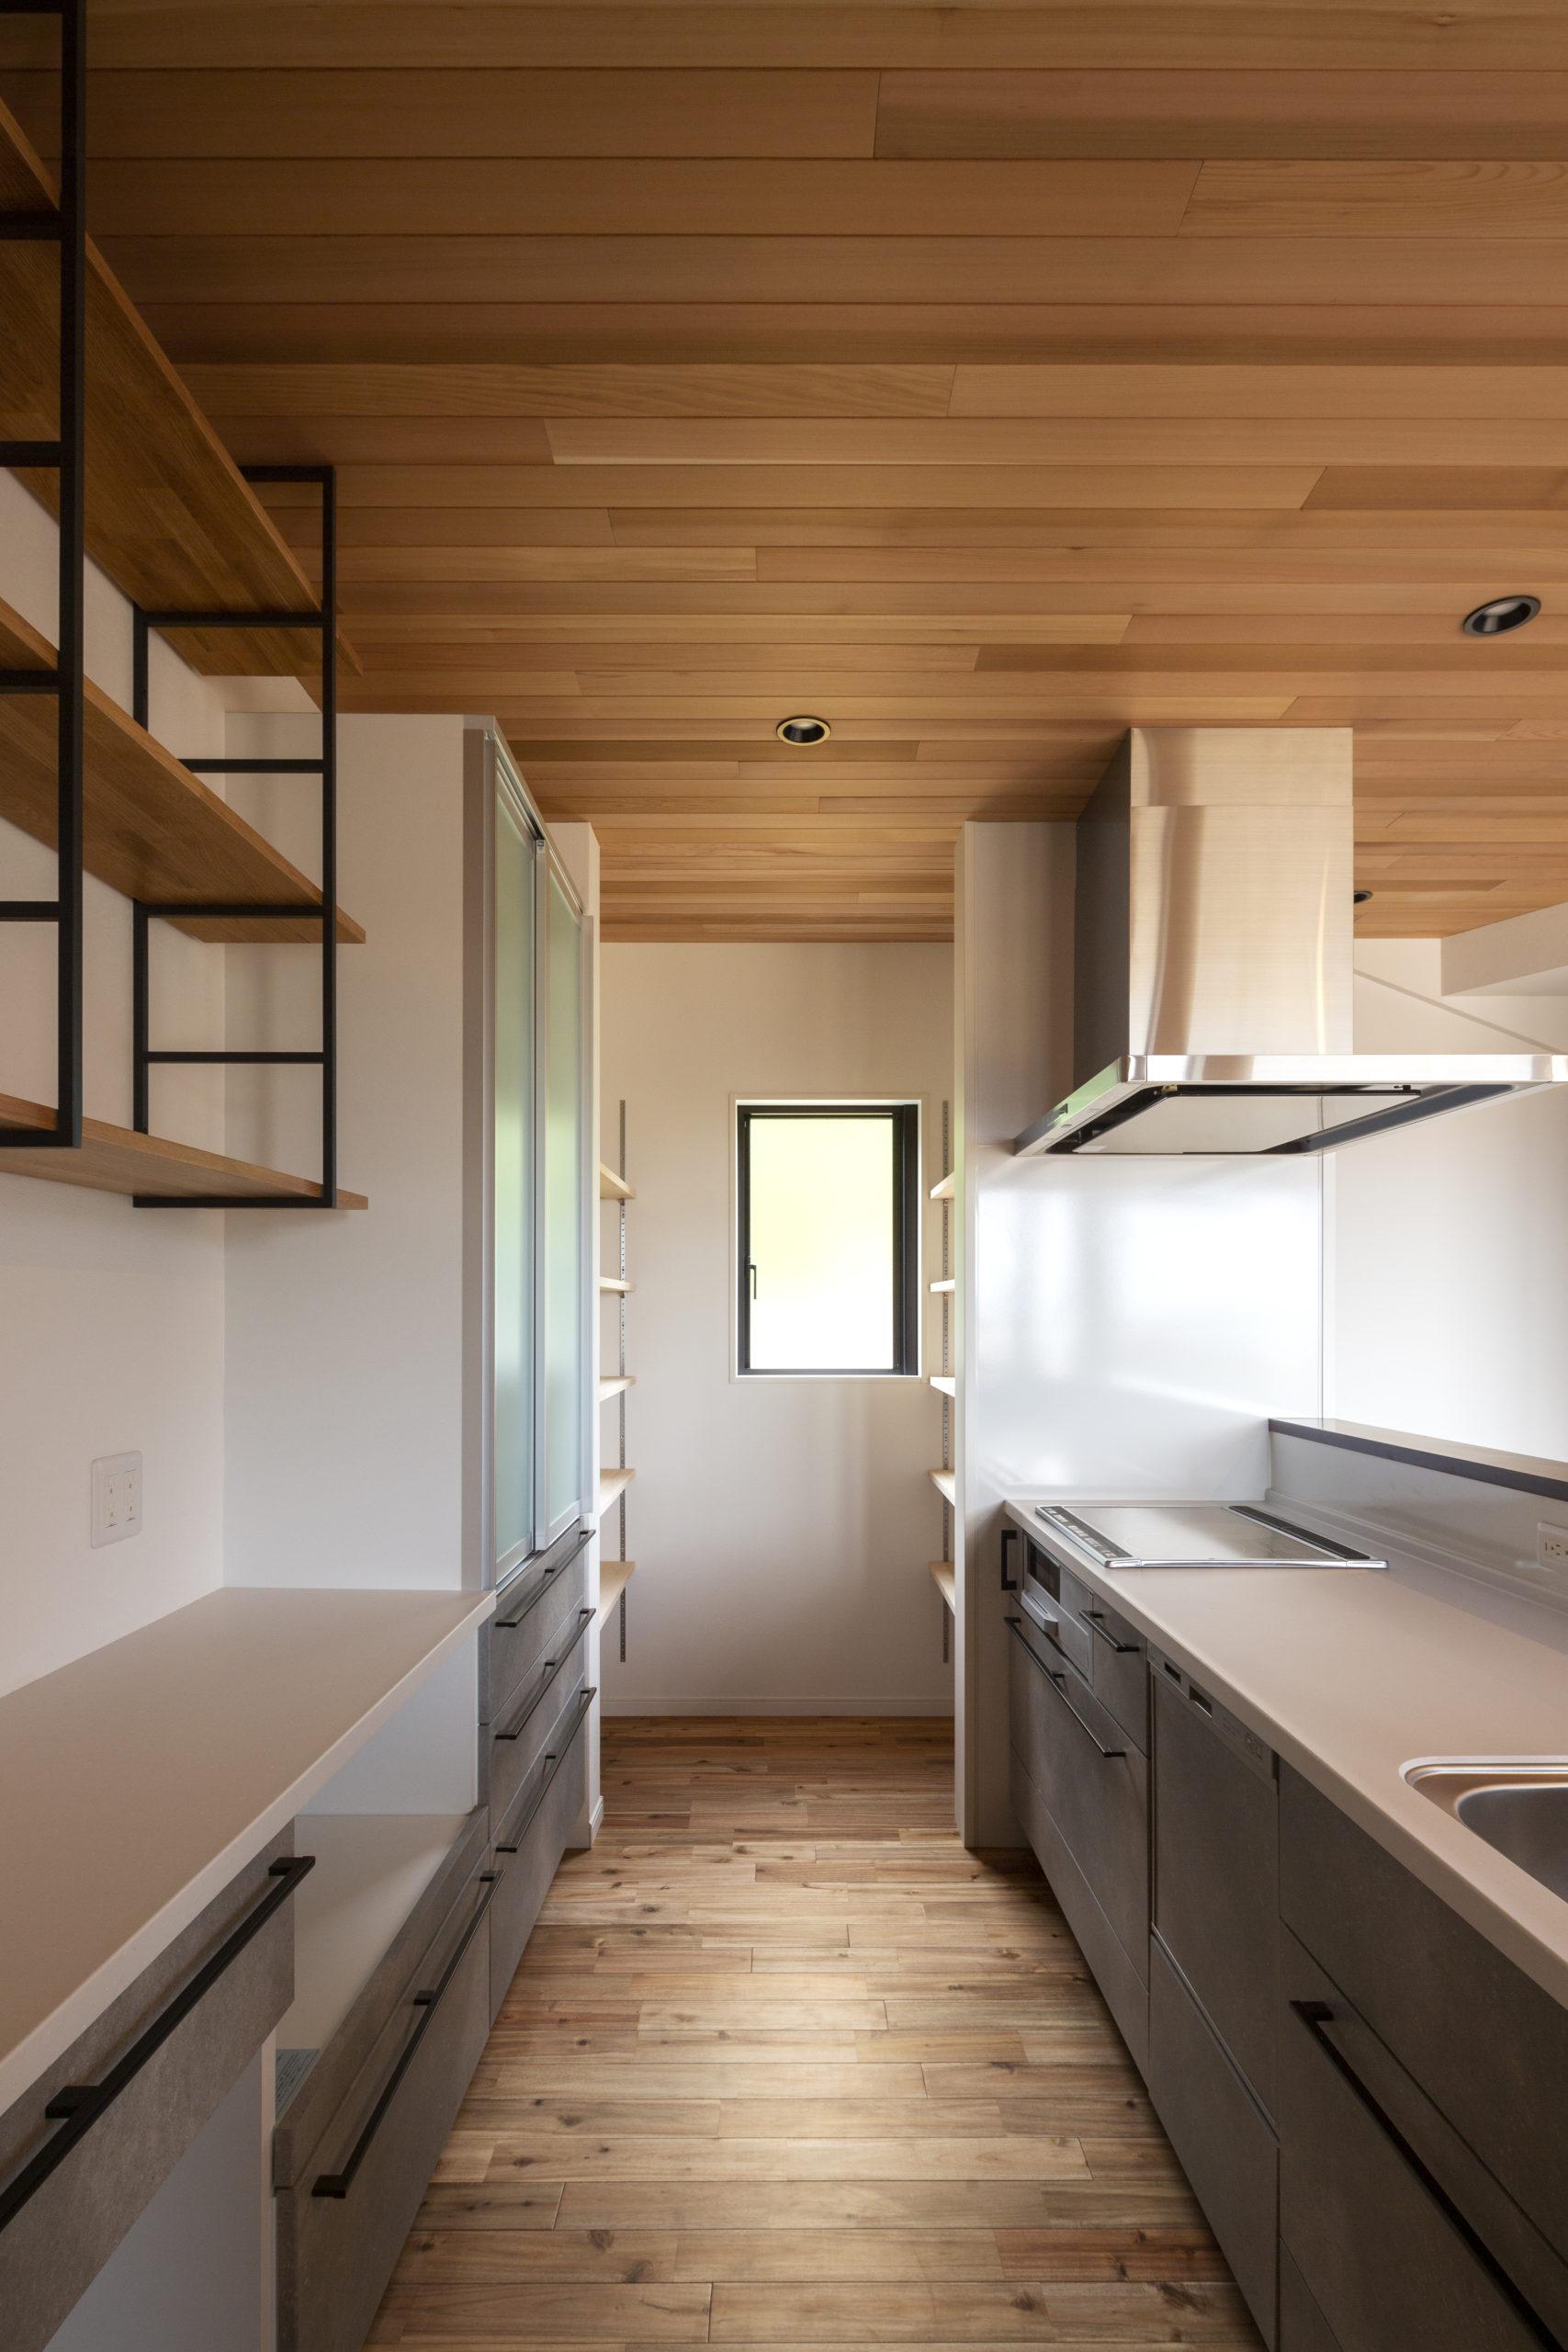 福山市の注文住宅|今井住建の施工事例ギャラリー「木目×グレーでスタイリッシュなキッチンへ」